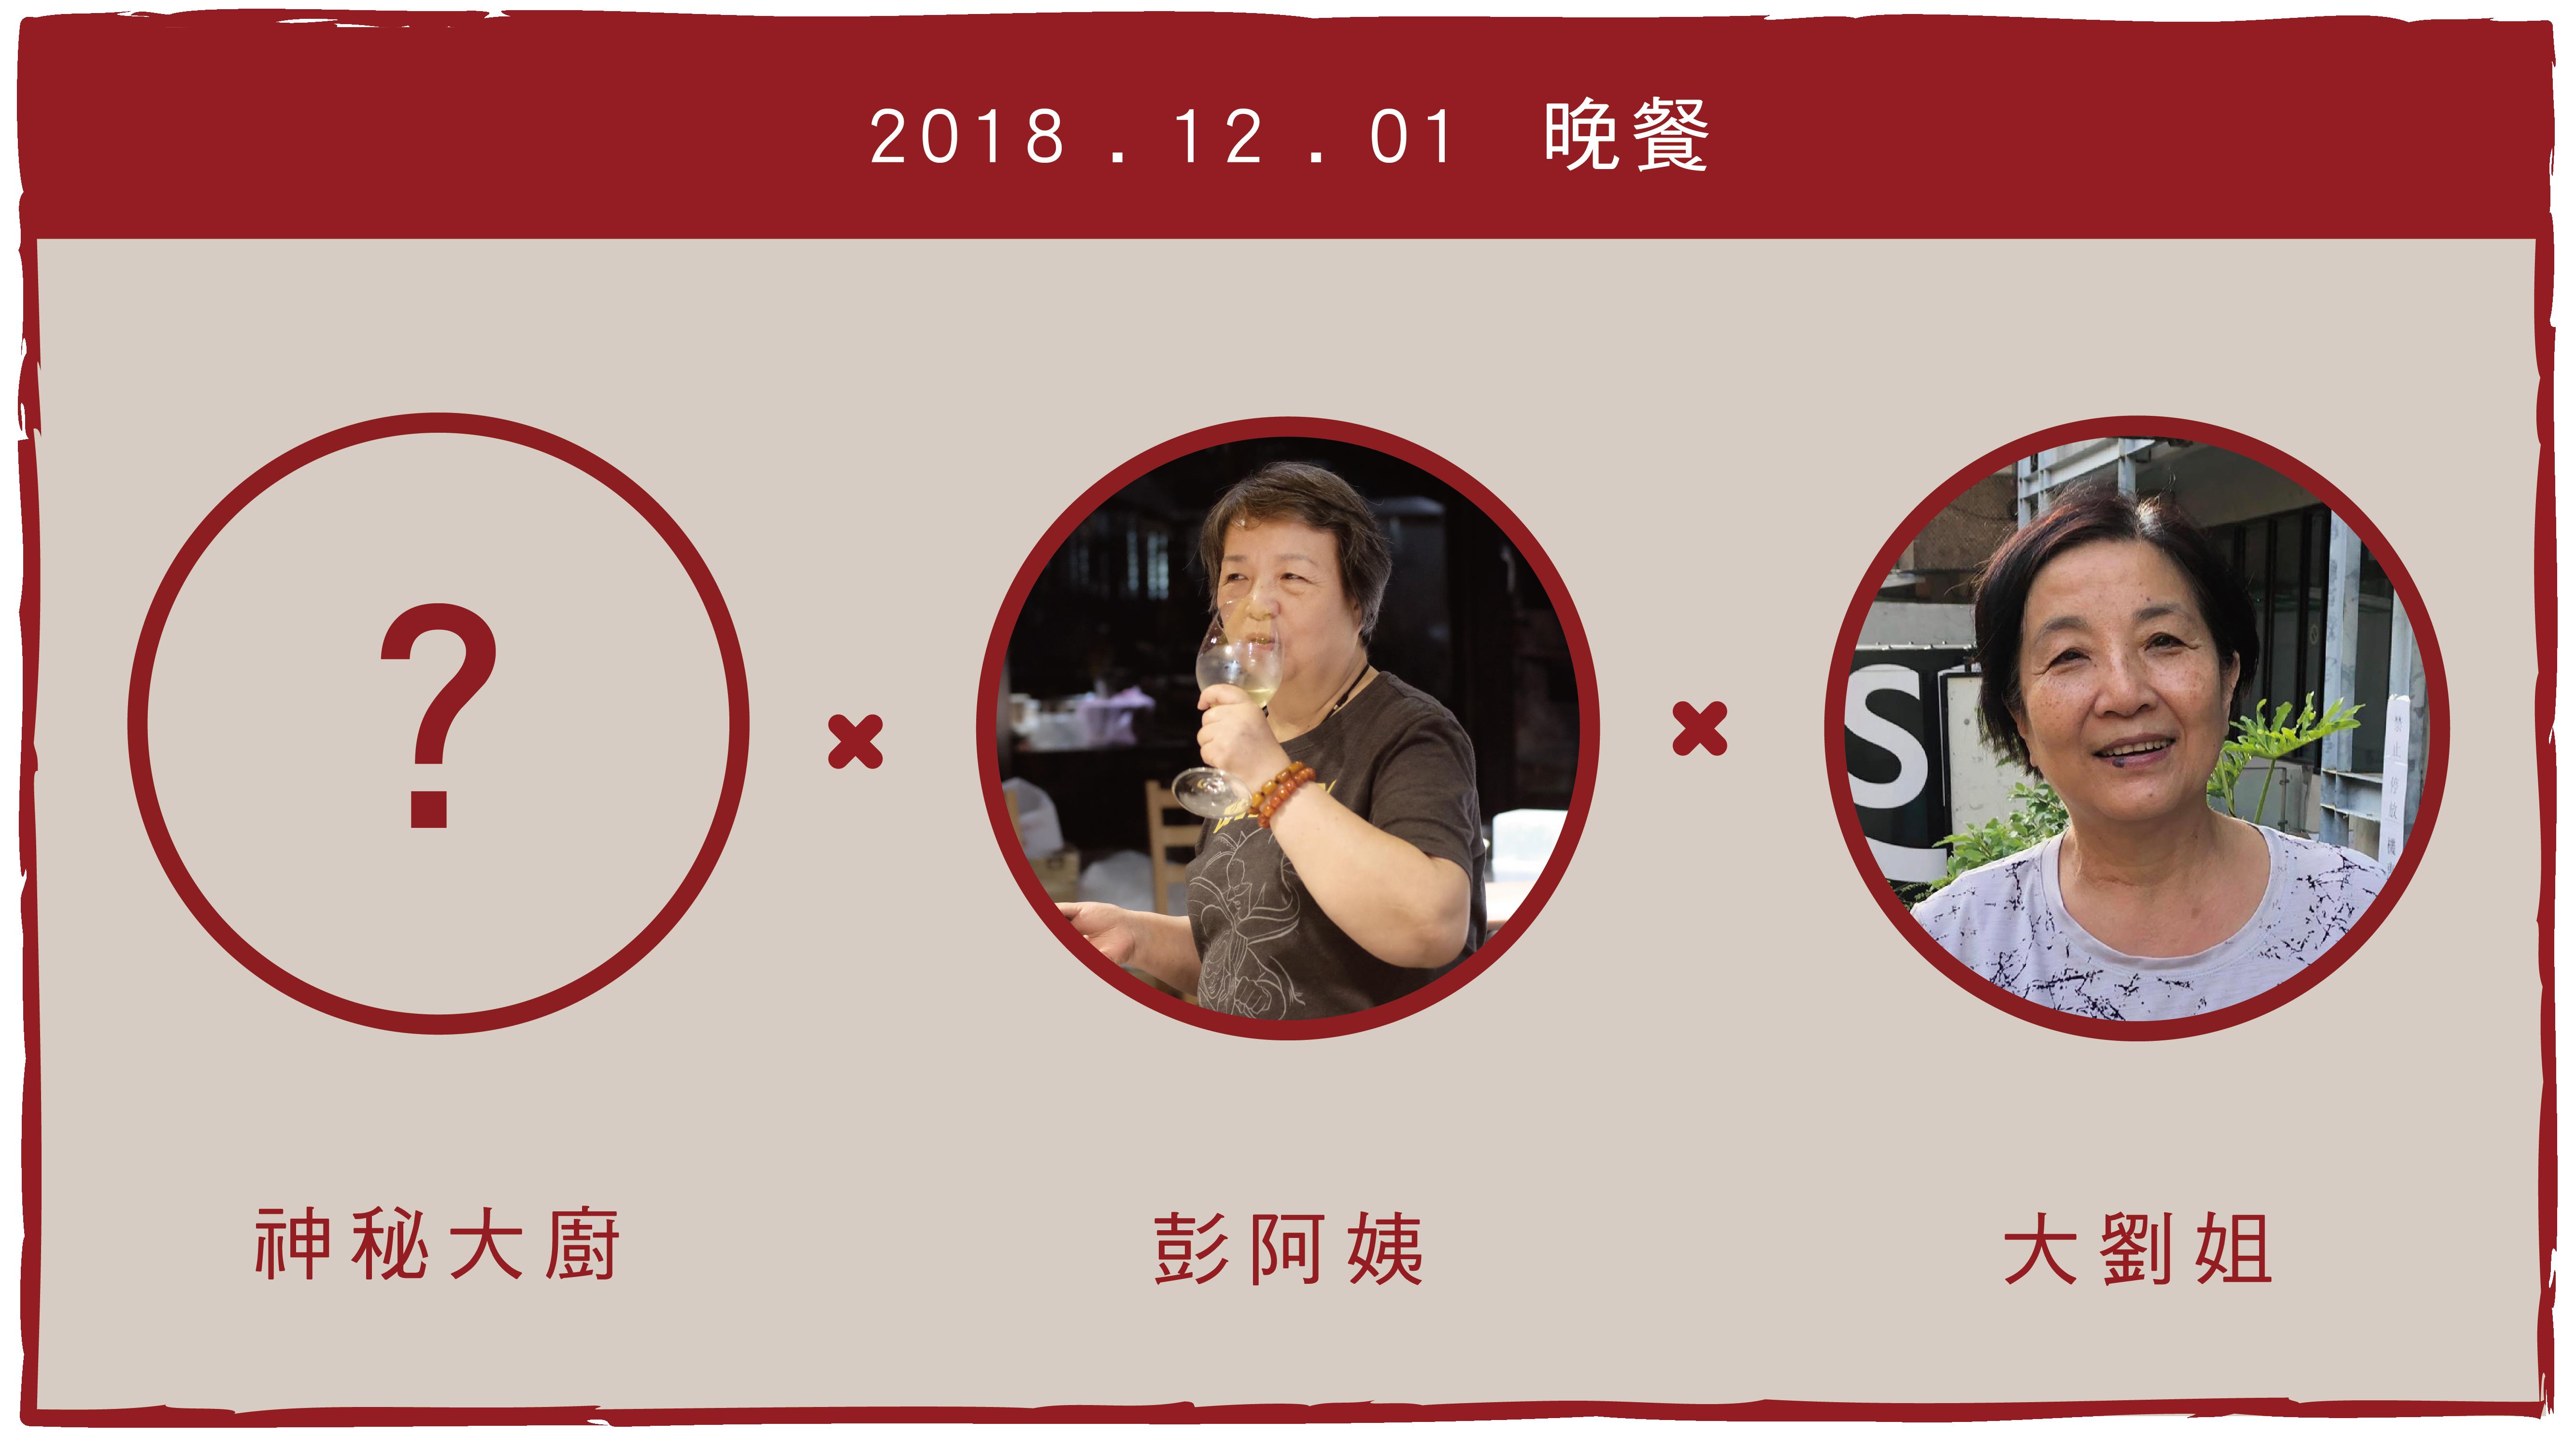 主廚介紹示意_1201